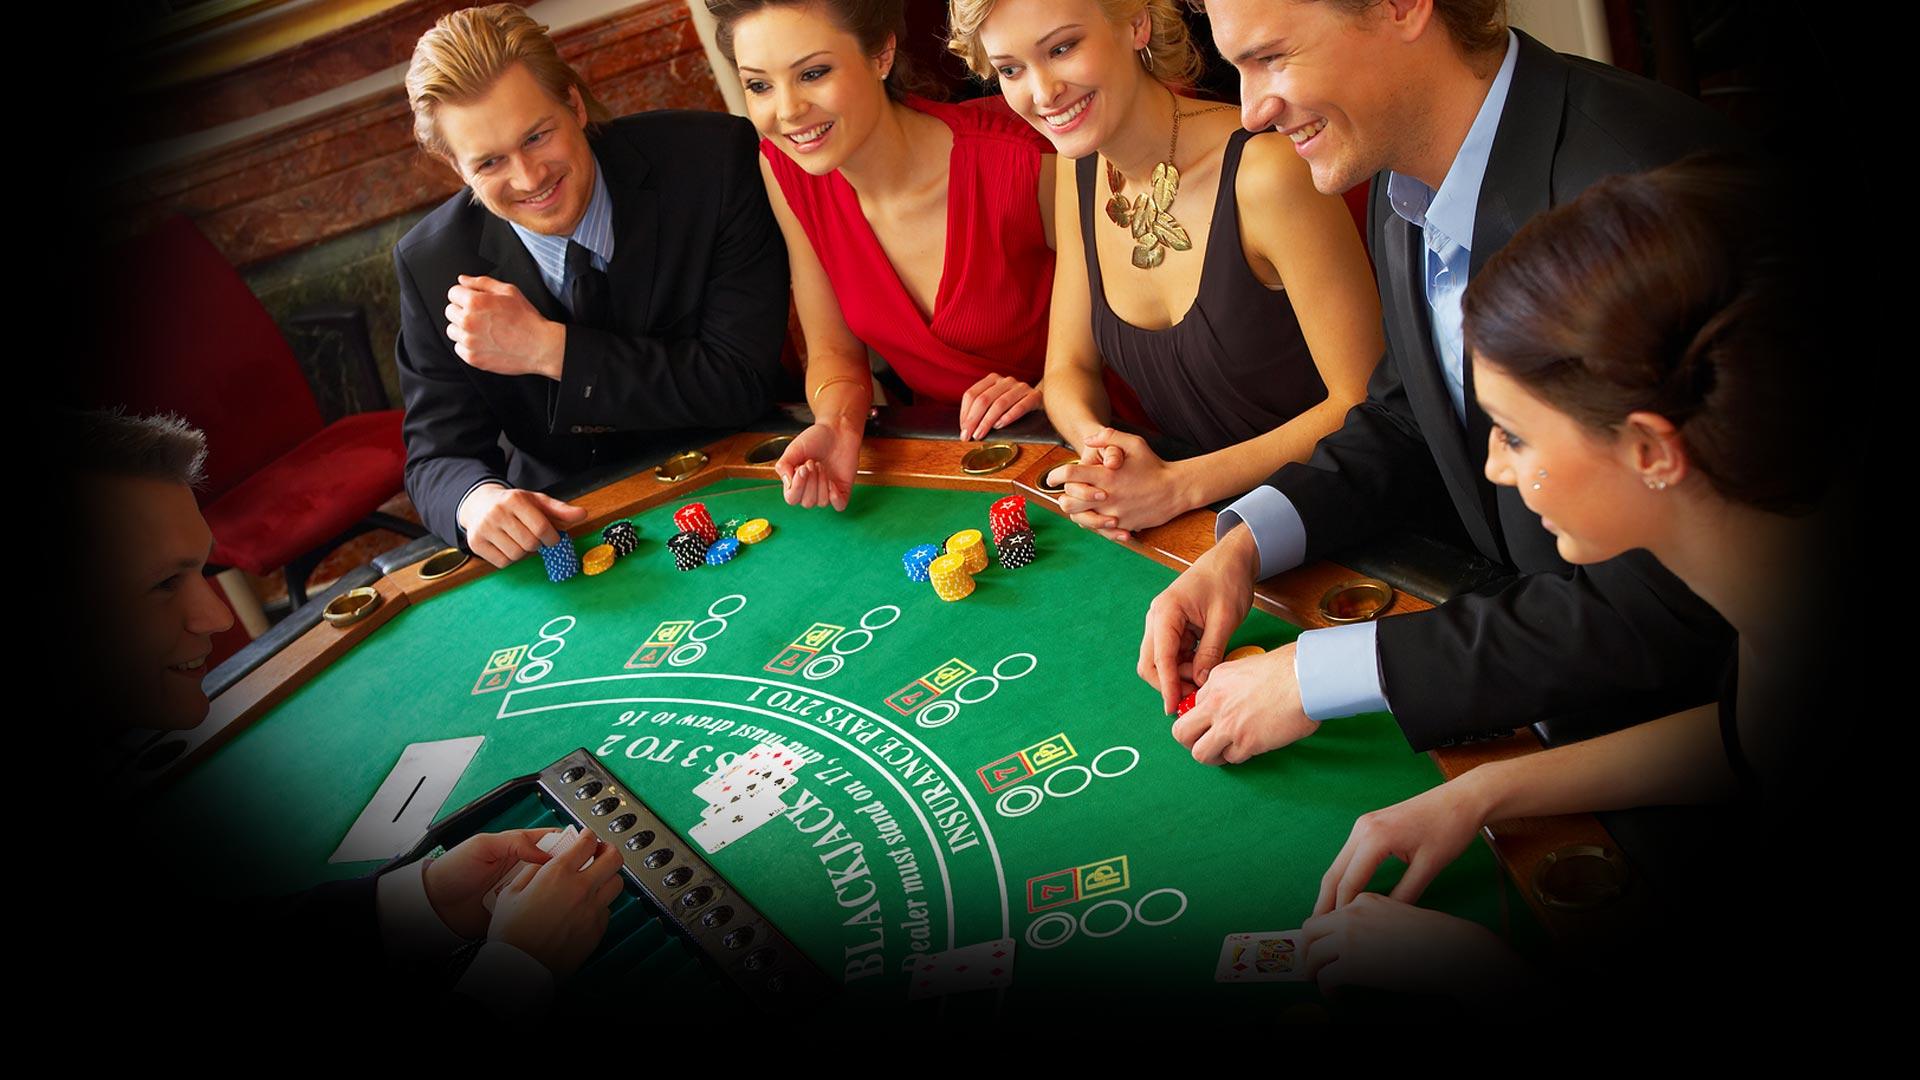 Le moyen le plus sûr en blackjack